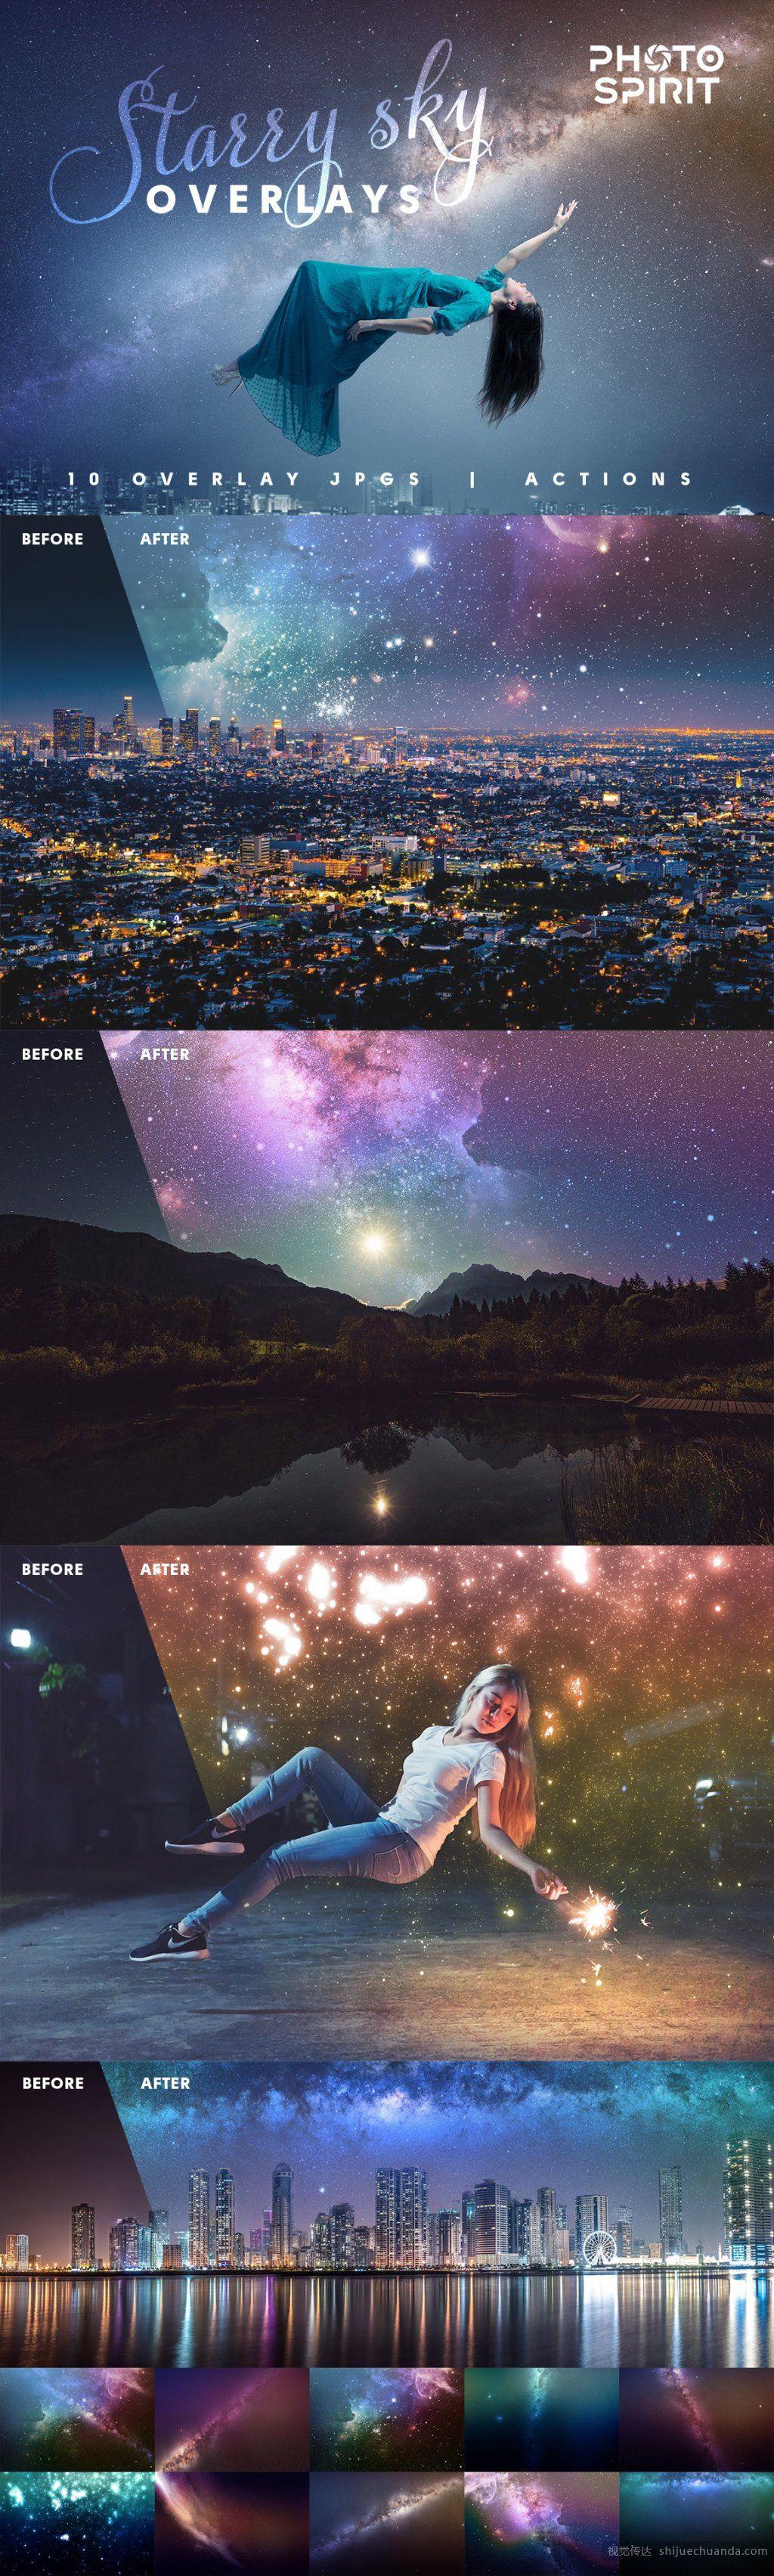 1000+高清图片叠加覆盖层和PS动作